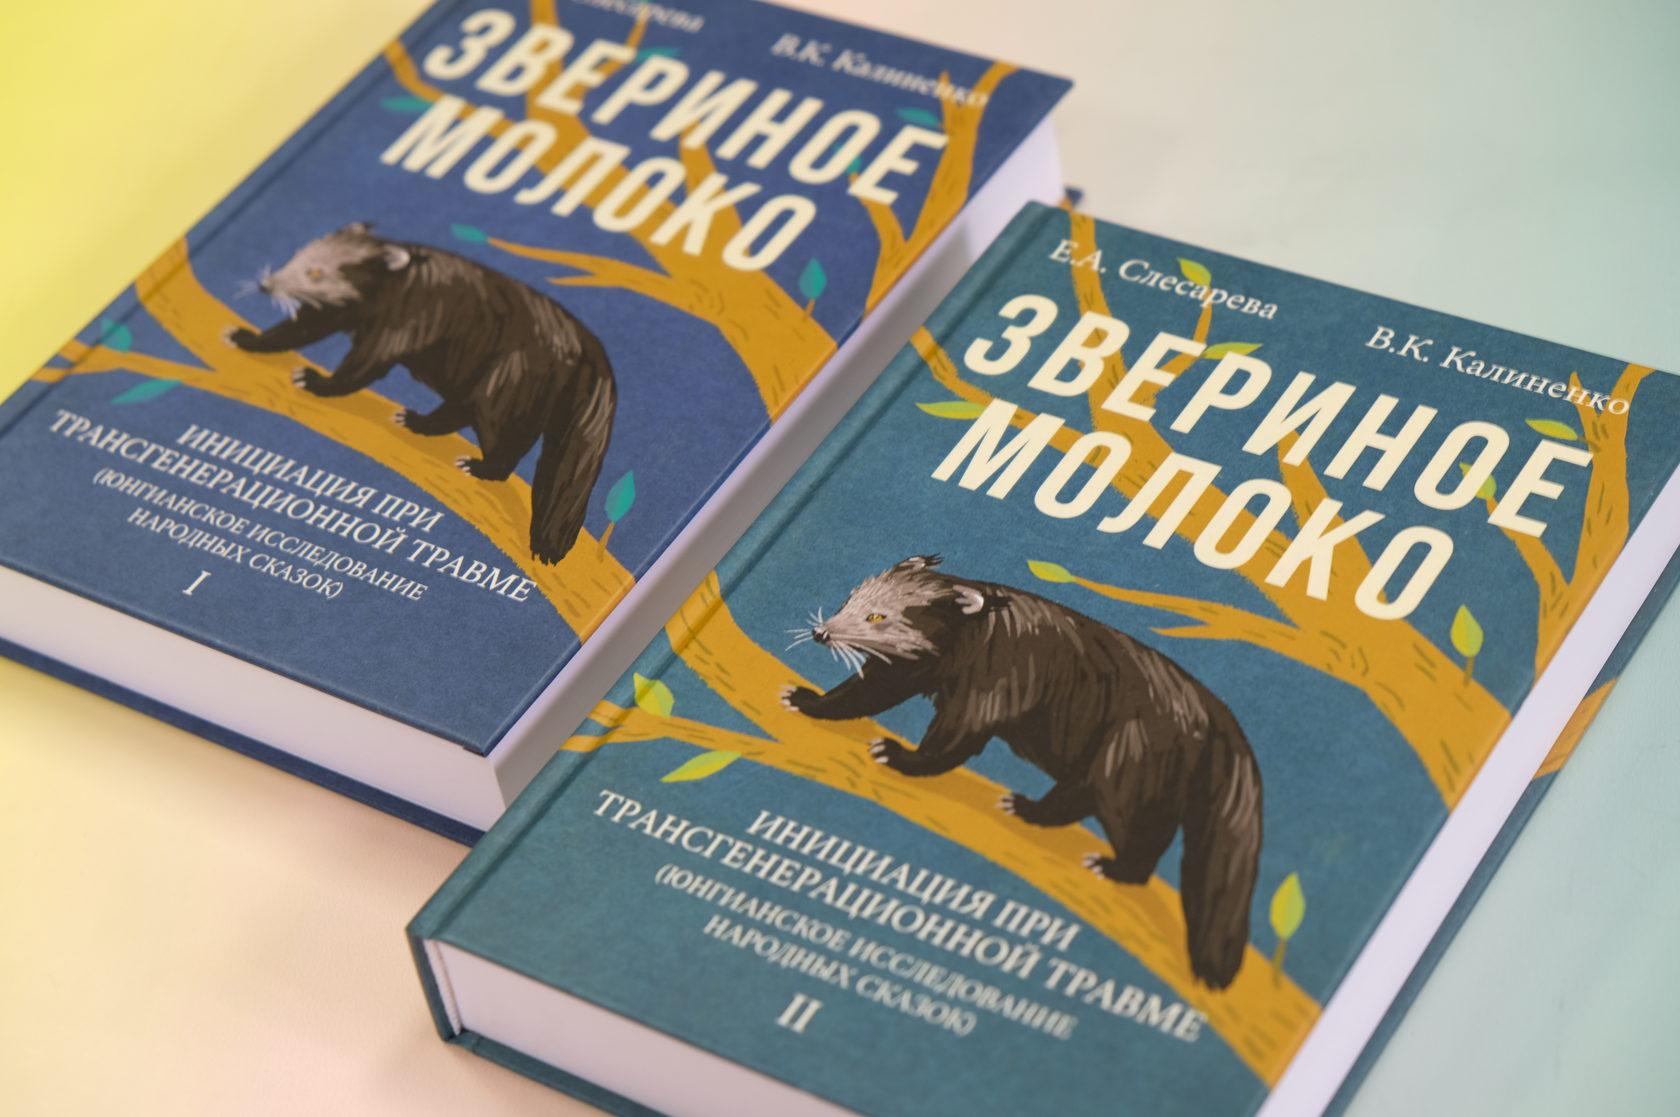 Екатерина Слесарева, Всеволод Калиненко «Звериное молоко. Комплект в 2-х томах»